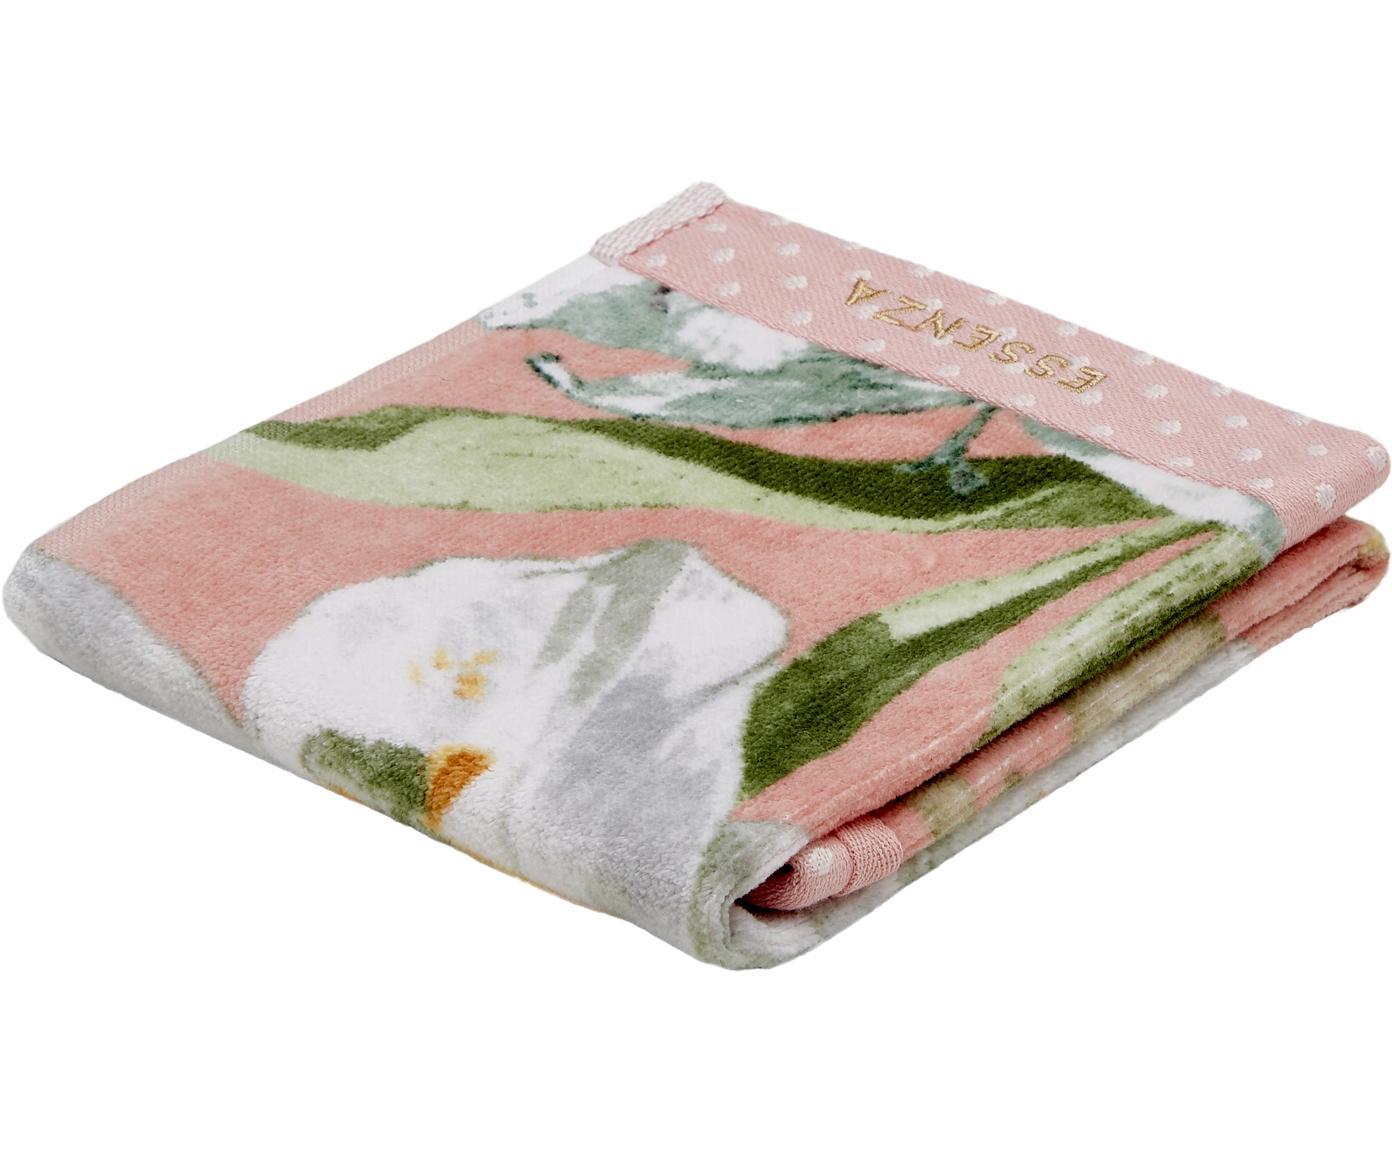 Handtuch Rosalee mit Blumen-Muster, 100% Baumwolle, Rosa, Weiß, Grün, Orange, Gästehandtuch